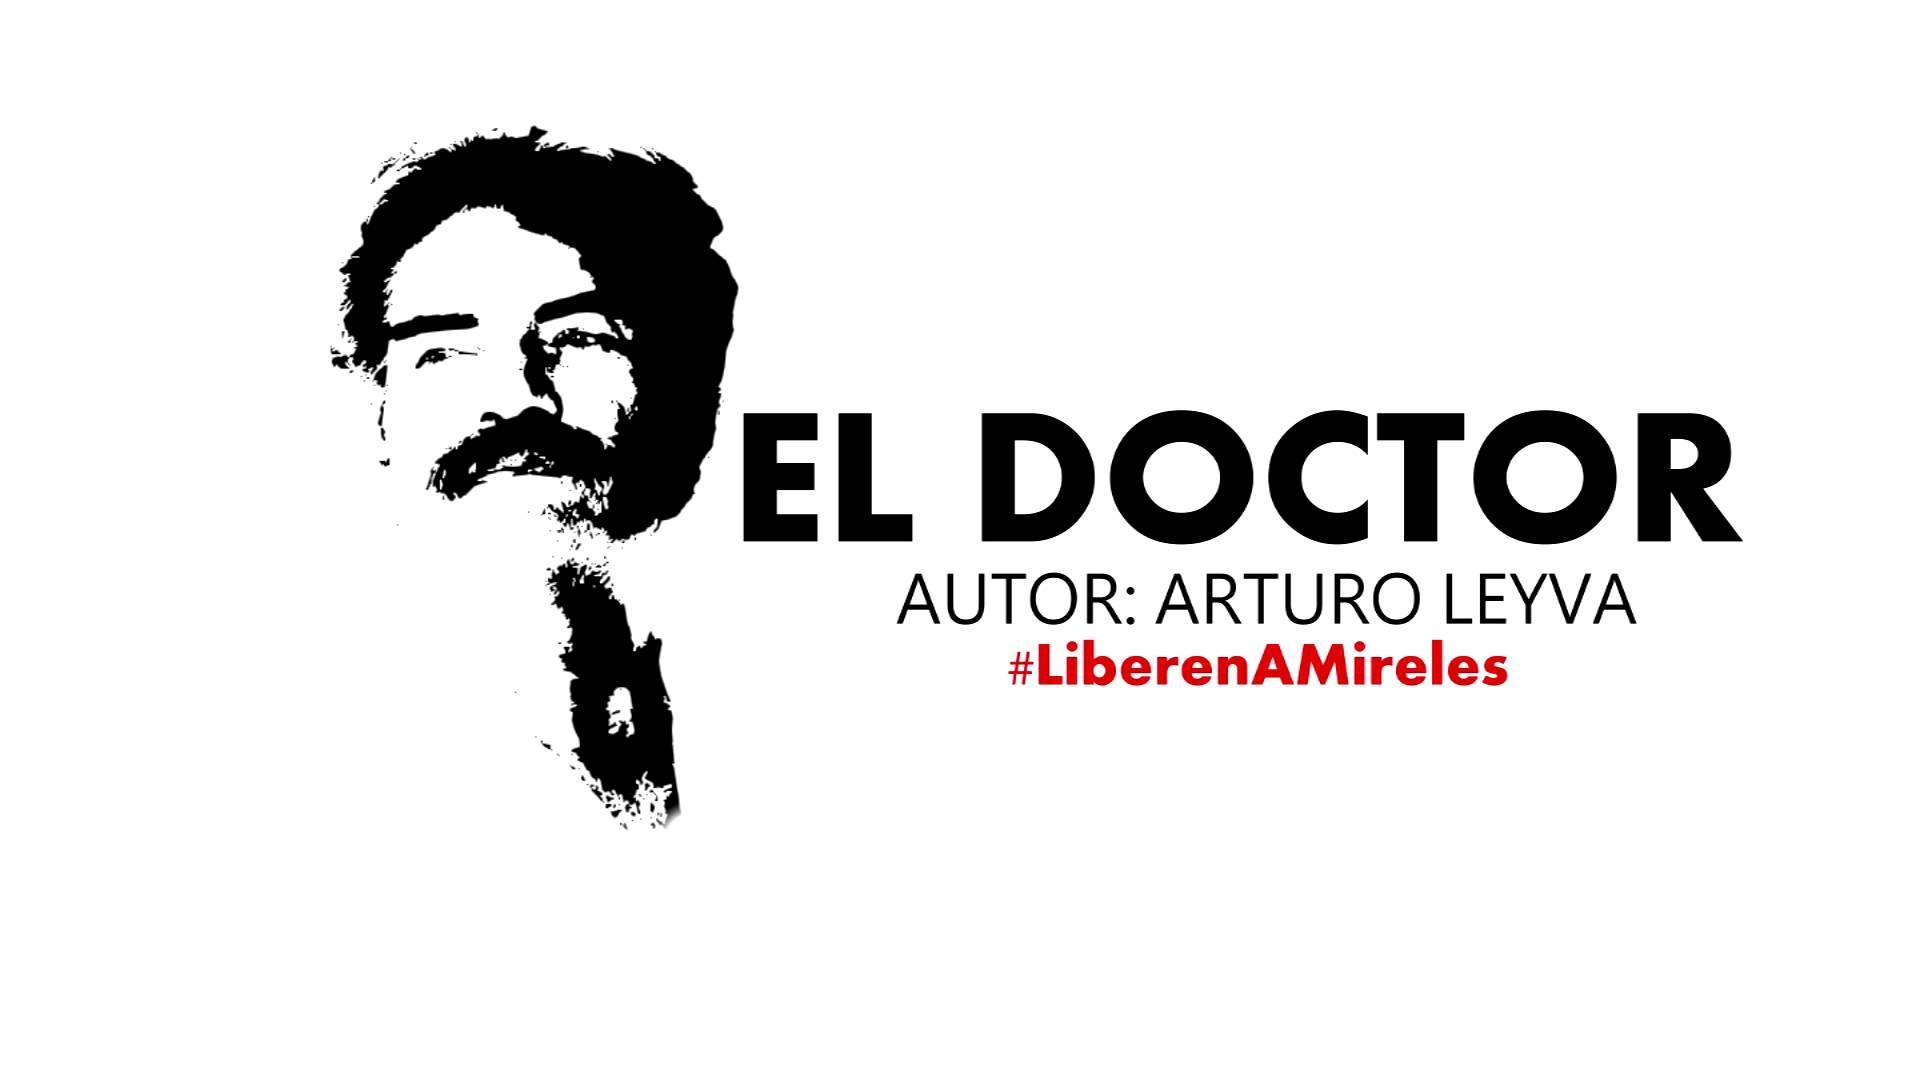 El Doctor - Arturo Leyva